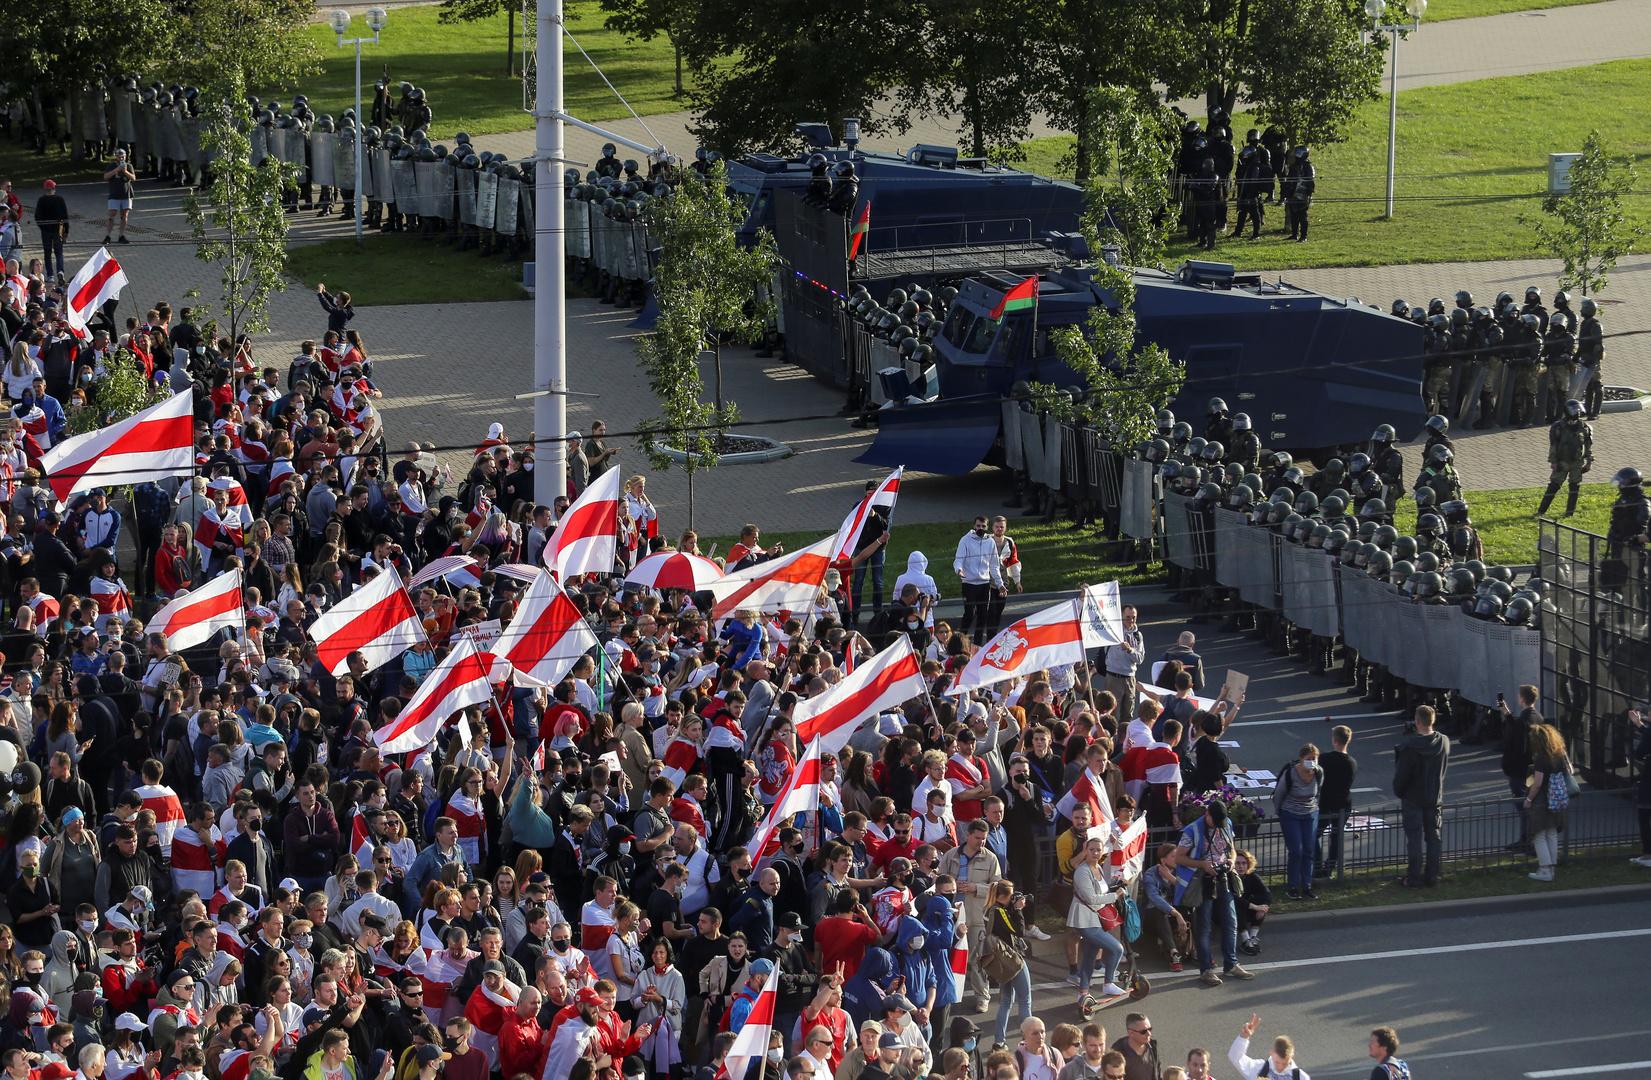 هل ستشهد بيلاروس جولة جديدة من الاحتجاجات في الربيع؟